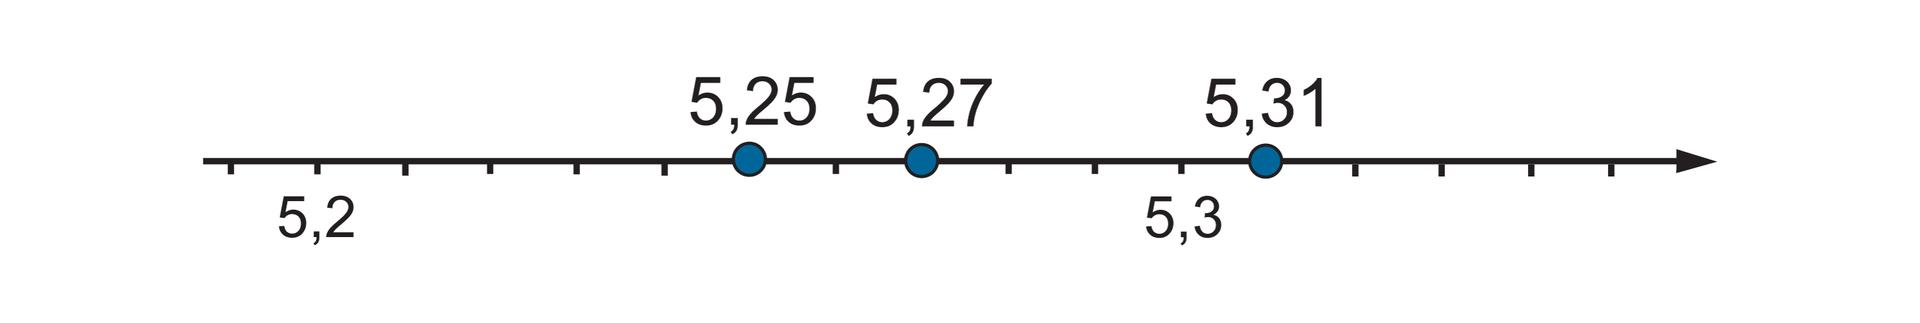 """""""Rysunek osi liczbowej zzaznaczonymi punktami 5,2"""